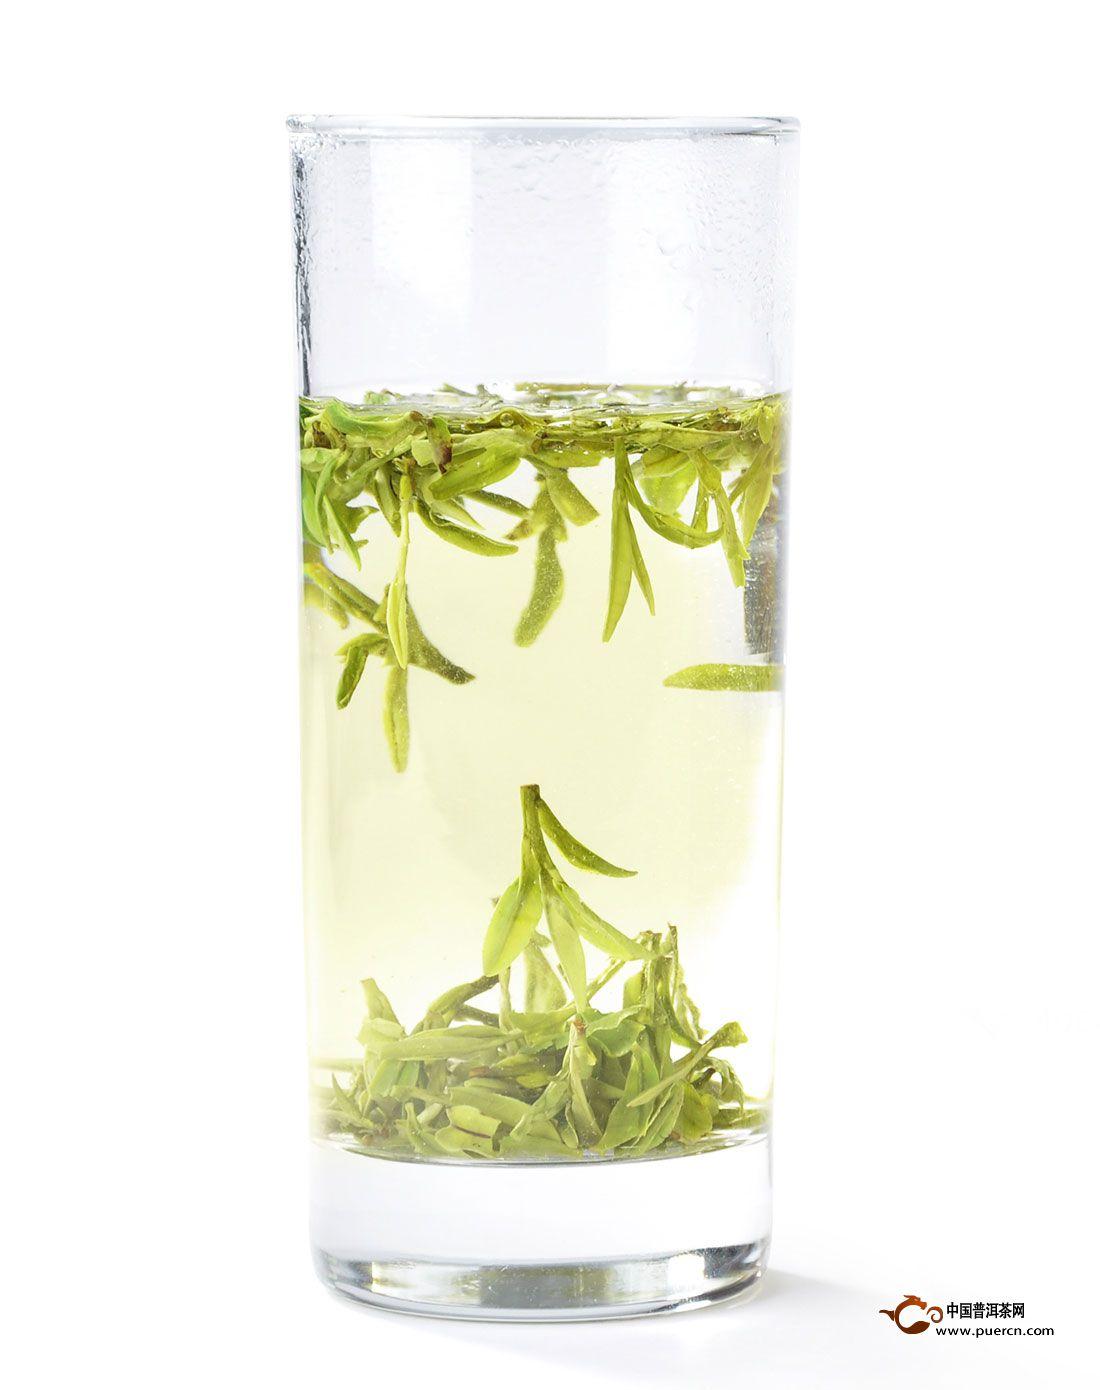 另外,饮龙井茶还要注意,不要等水喝干了再添,第一杯茶喝去2/3时,就应该加水饮第二杯,这样可使茶汤浓度基本保持一致。品尝龙井茶一般用玻璃杯,加85C左右的开水冲泡。茶与水的比例要恰当,通常为1:50(1克茶叶用50毫升水)。冲泡时,应先在杯中倒入1/3的水进行浸泡,等到茶叶散发出淡淡清香后,再沿杯边倒水至七八分满。这样冲泡出来的茶浓淡适中、口感鲜醇、叶色嫩绿。切忌用滚开的水冲泡龙井,它会破坏茶中的叶绿素,使其变黄;茶叶中的茶多酚类营养物质也会在高温下氧化,使茶汤变黄;很多芳香物质在高温下容易挥发,使茶